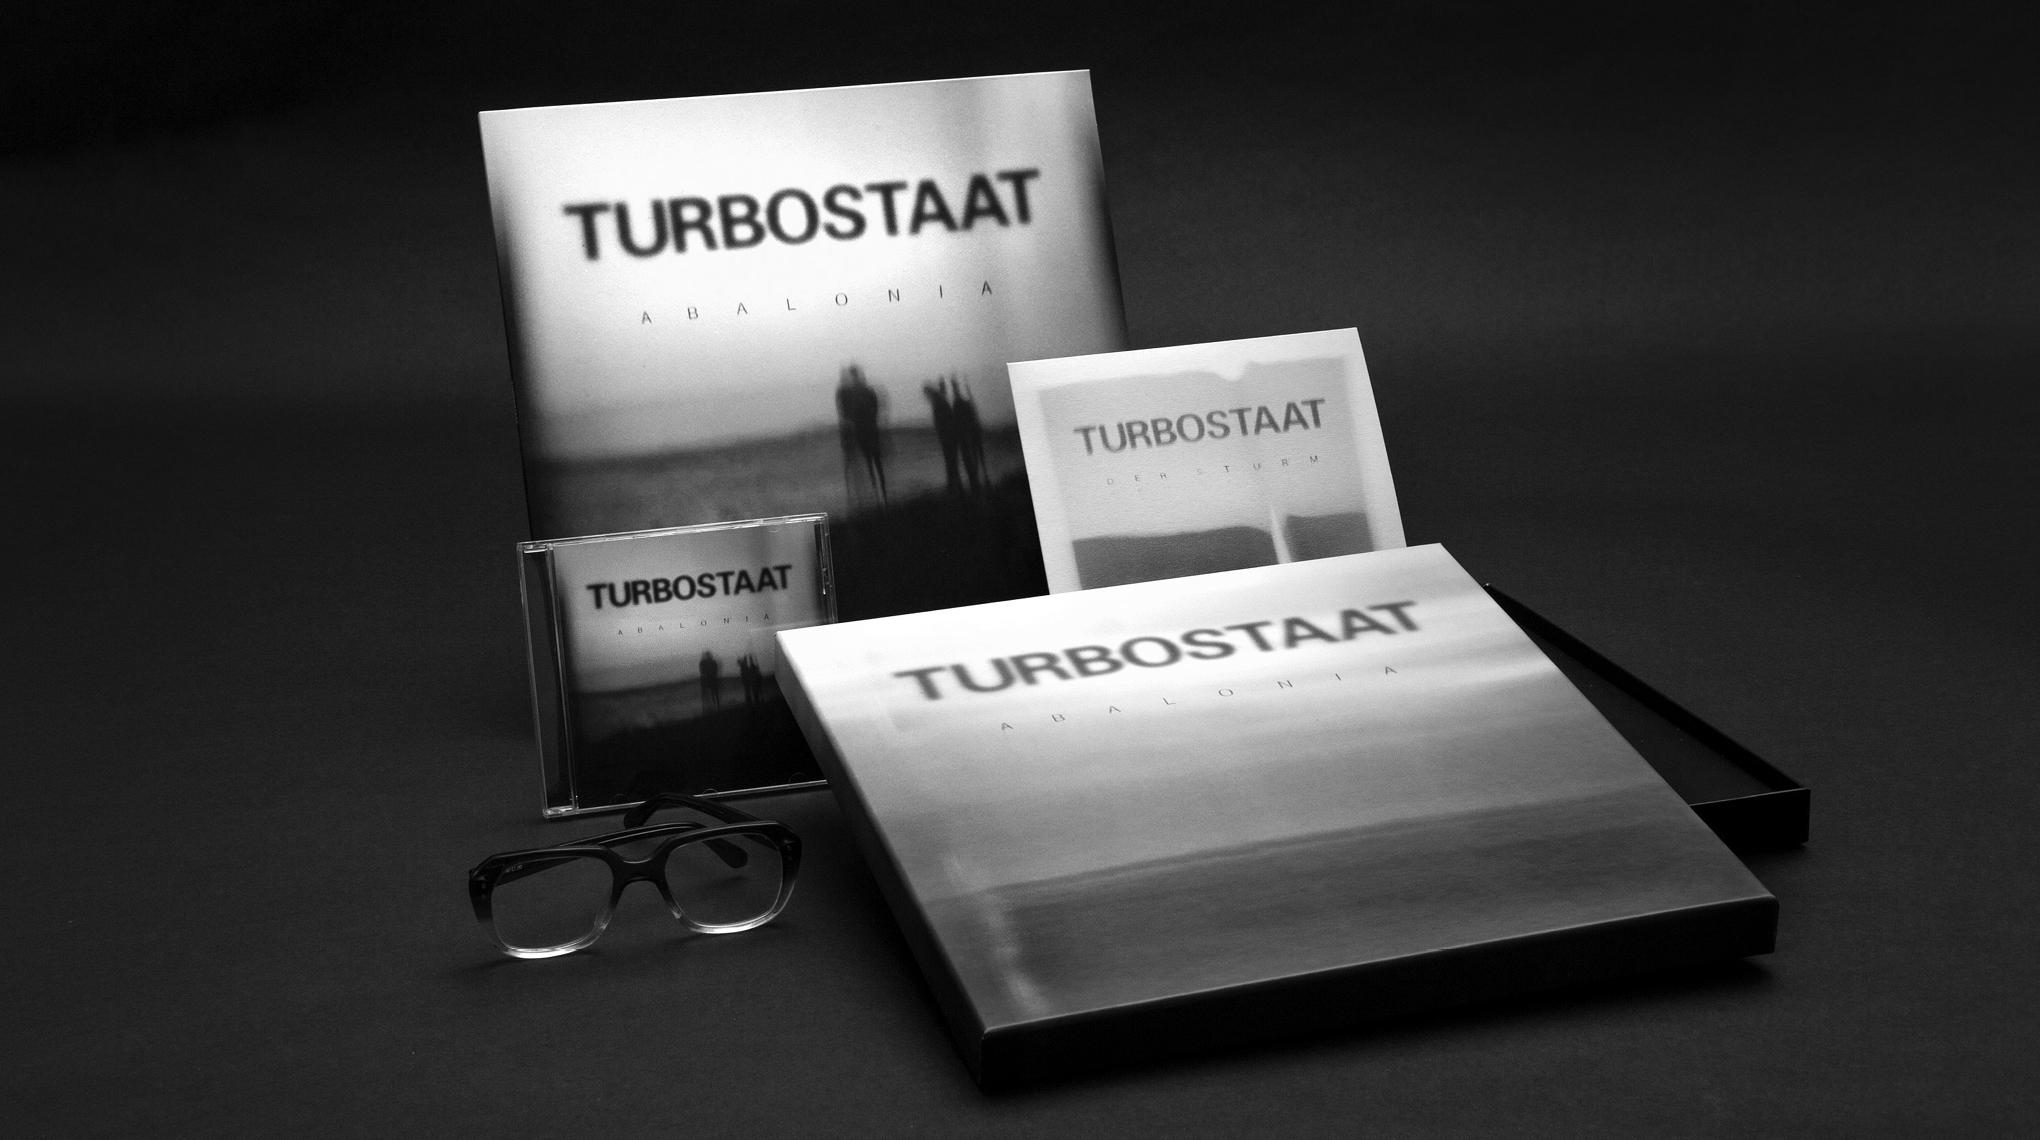 """komplette Gestaltung für das neue Turbostaat Album """"Abalonia"""" inkl. CD, Vinyl, Single und limitierter Special Edition"""